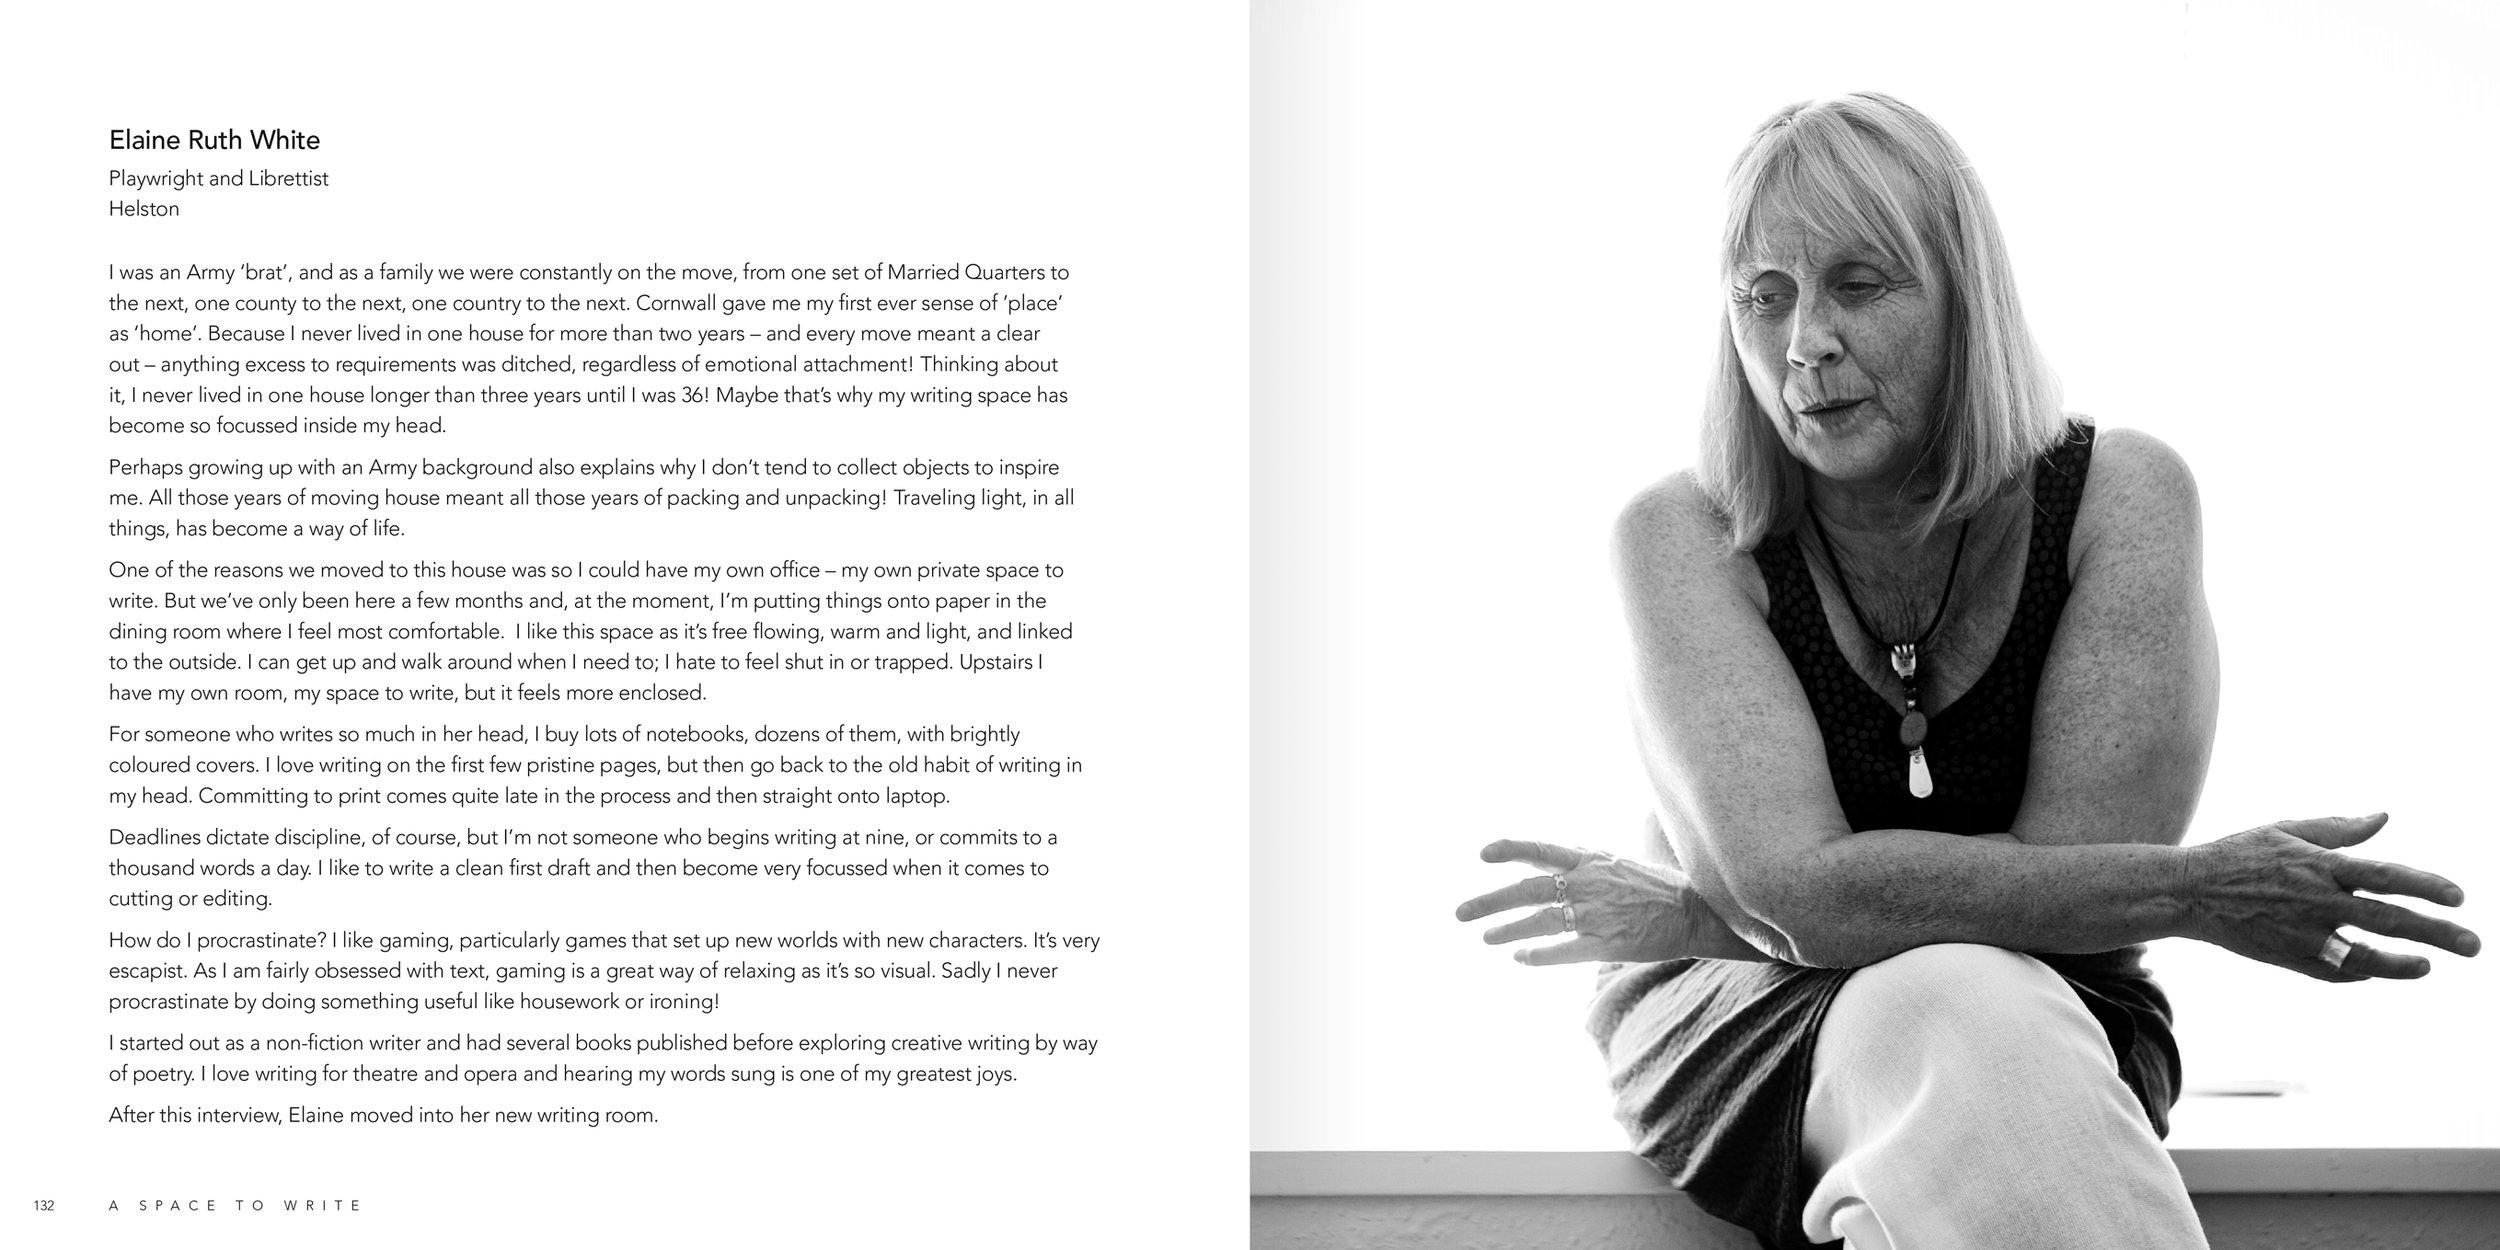 Internal spread - Elaine Ruth White